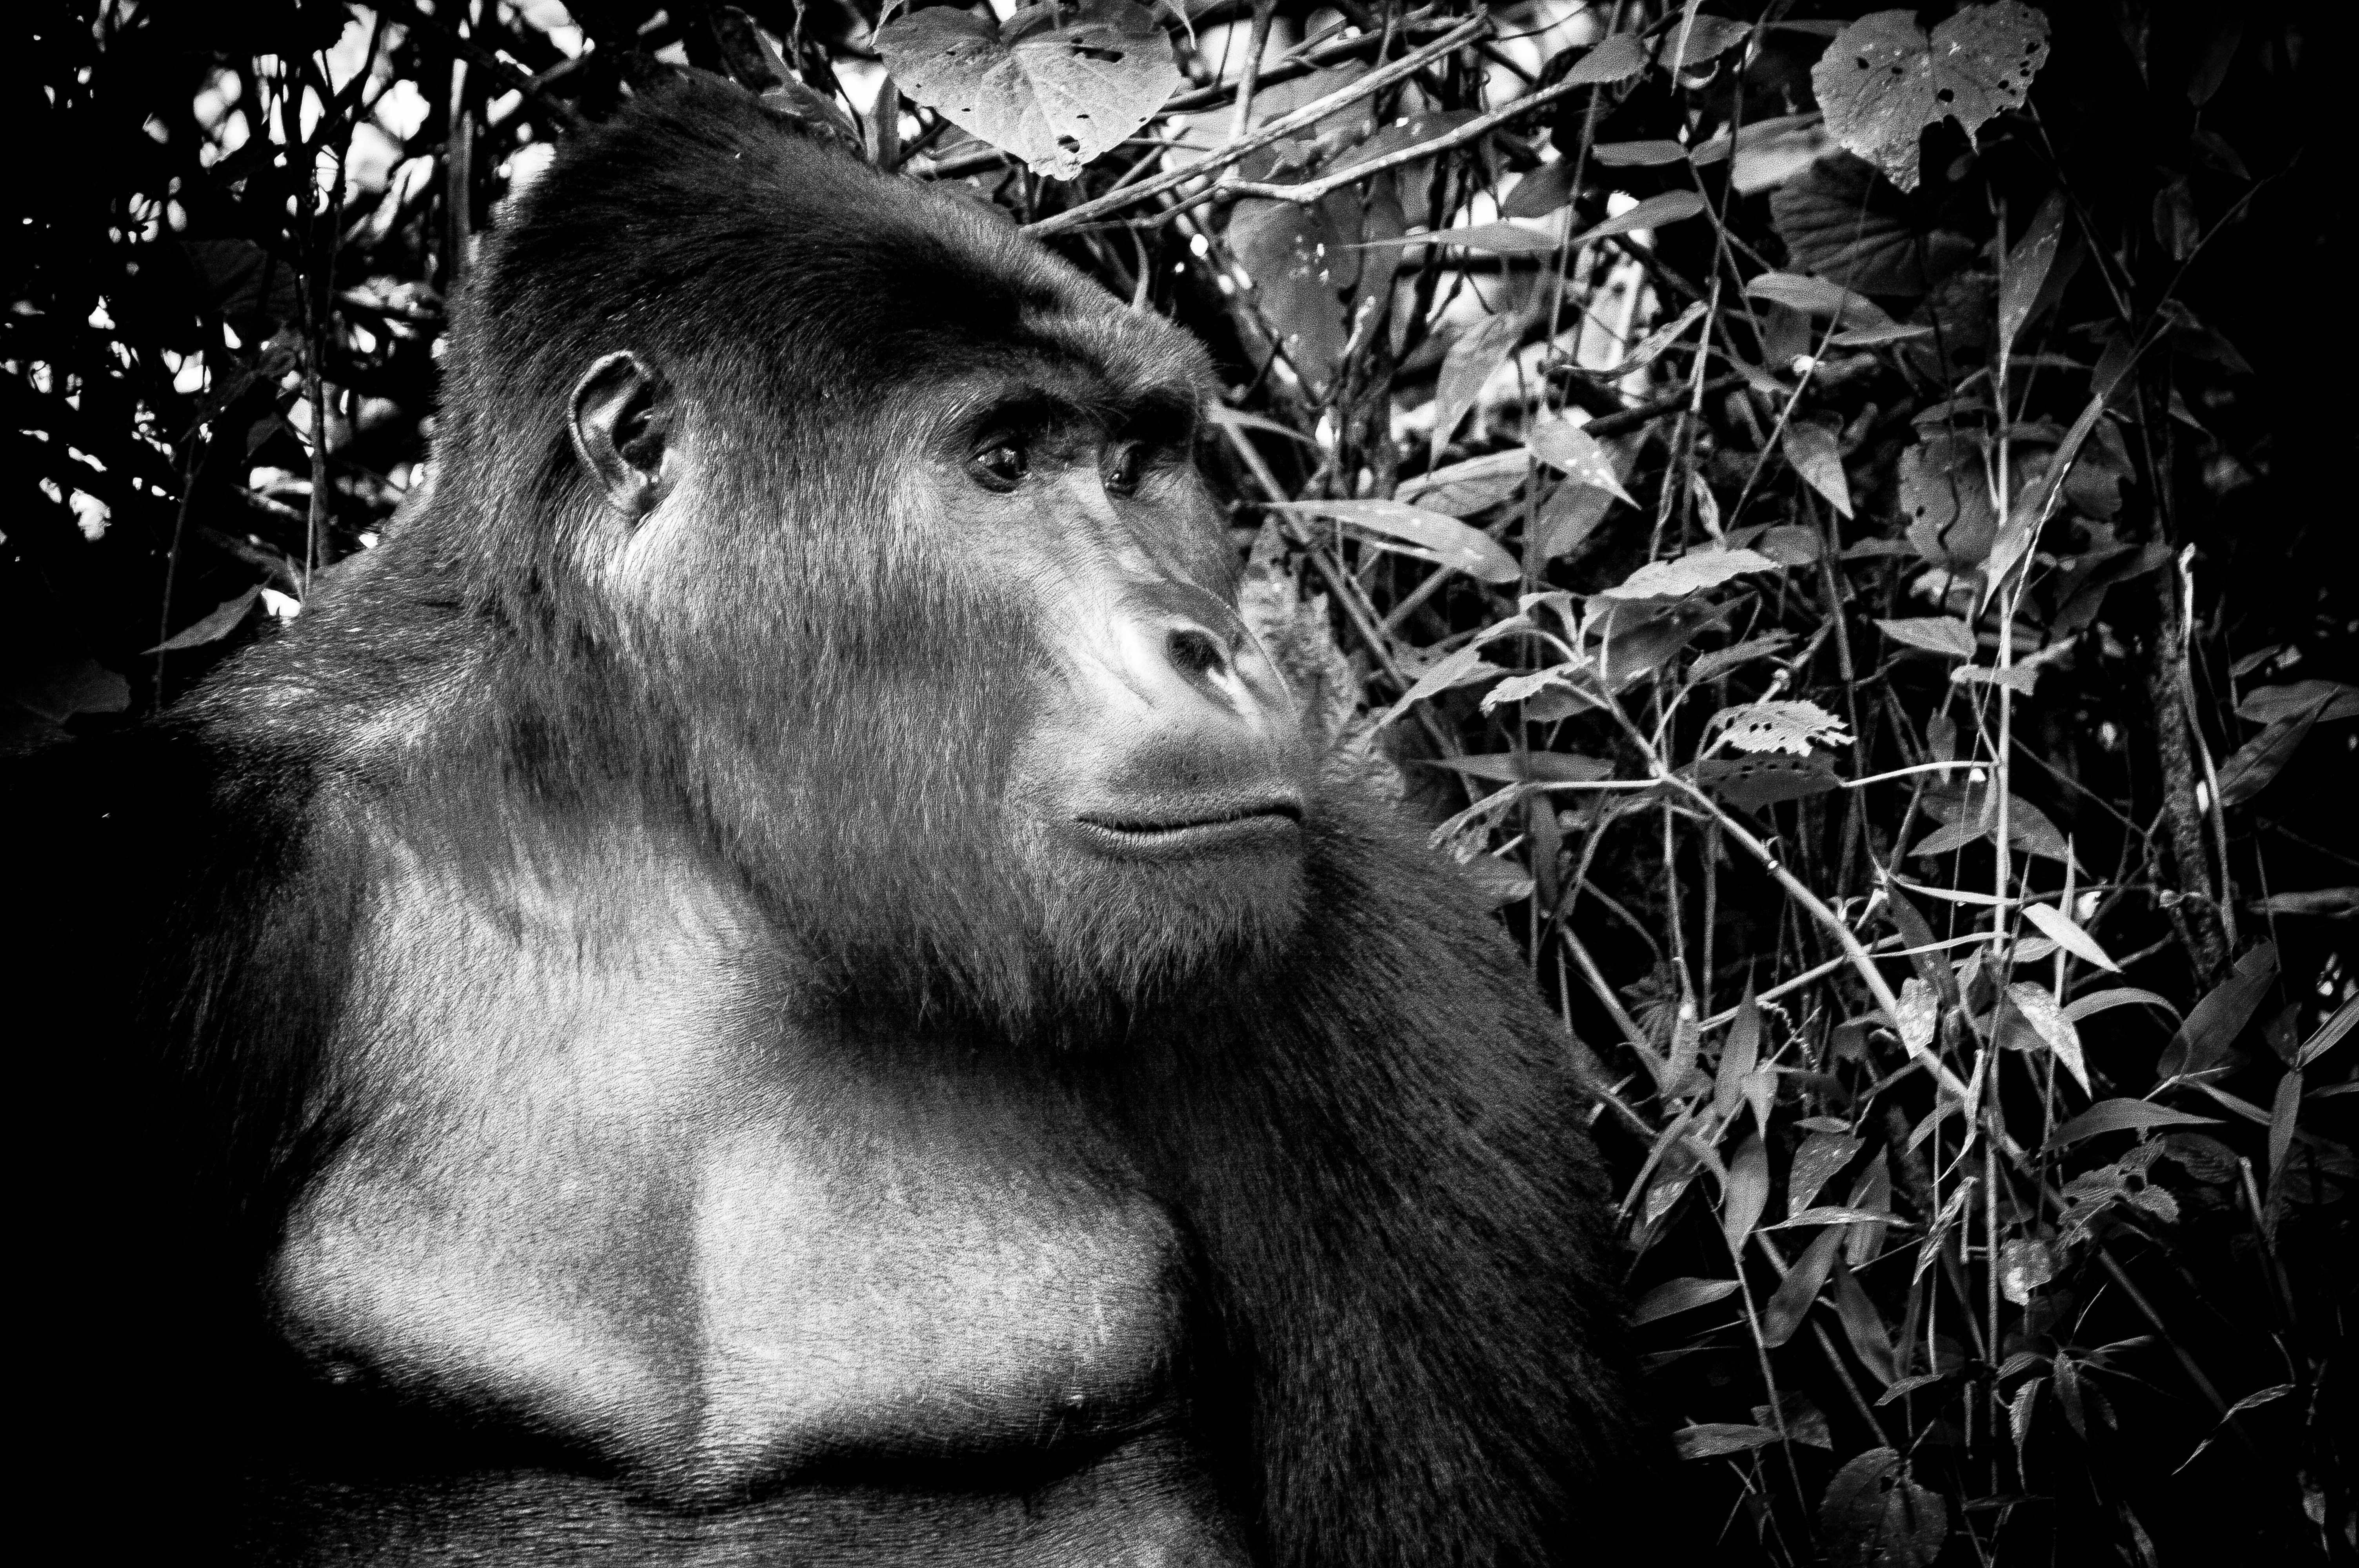 The Gentle Giant in Uganda